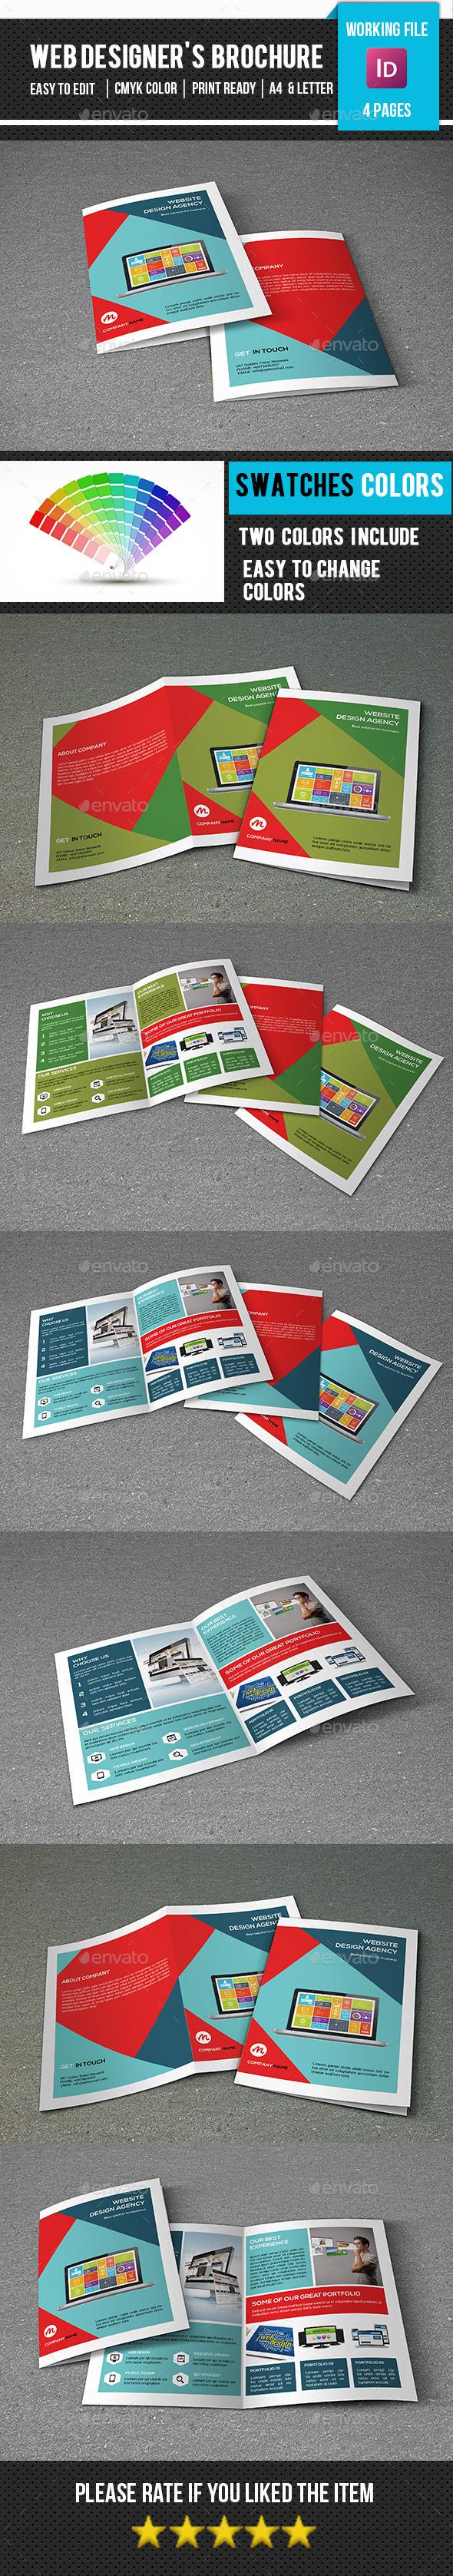 Bifold Brochure for Web Designer-V302 - Corporate Brochures